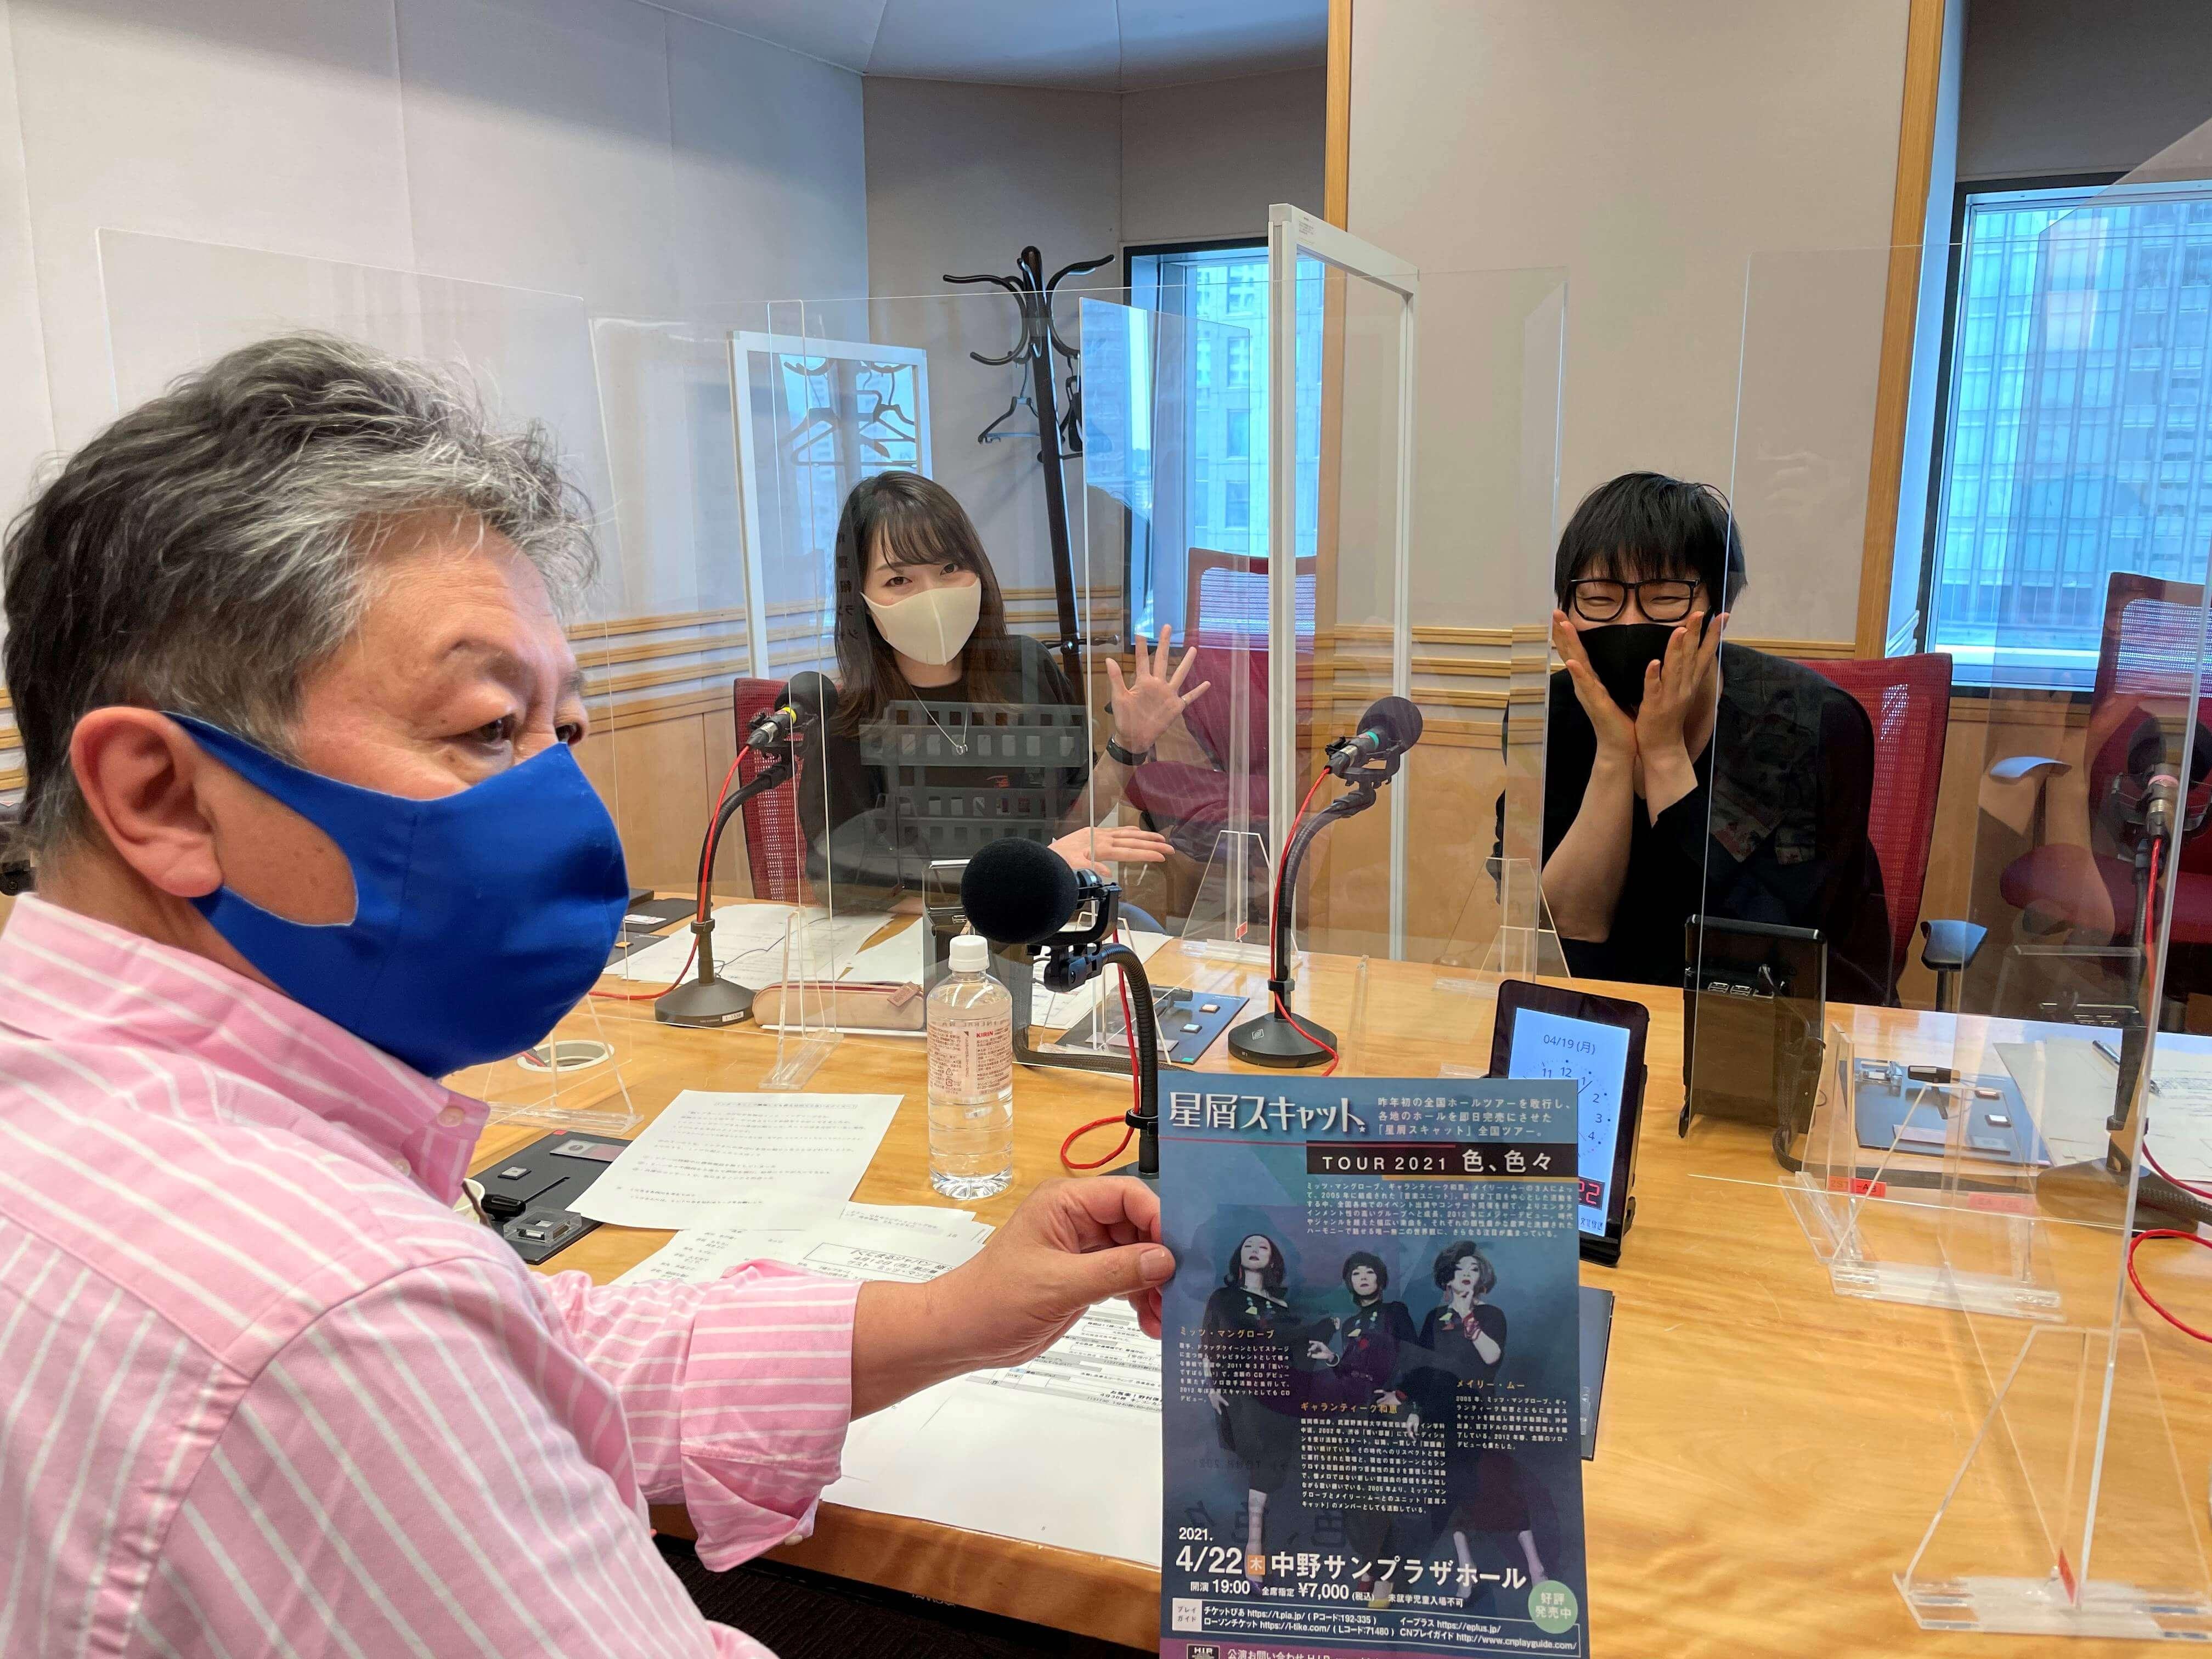 『くにまるジャパン極・極シアター』4月19日(月)のお客様:ミッツ・マングローブさん